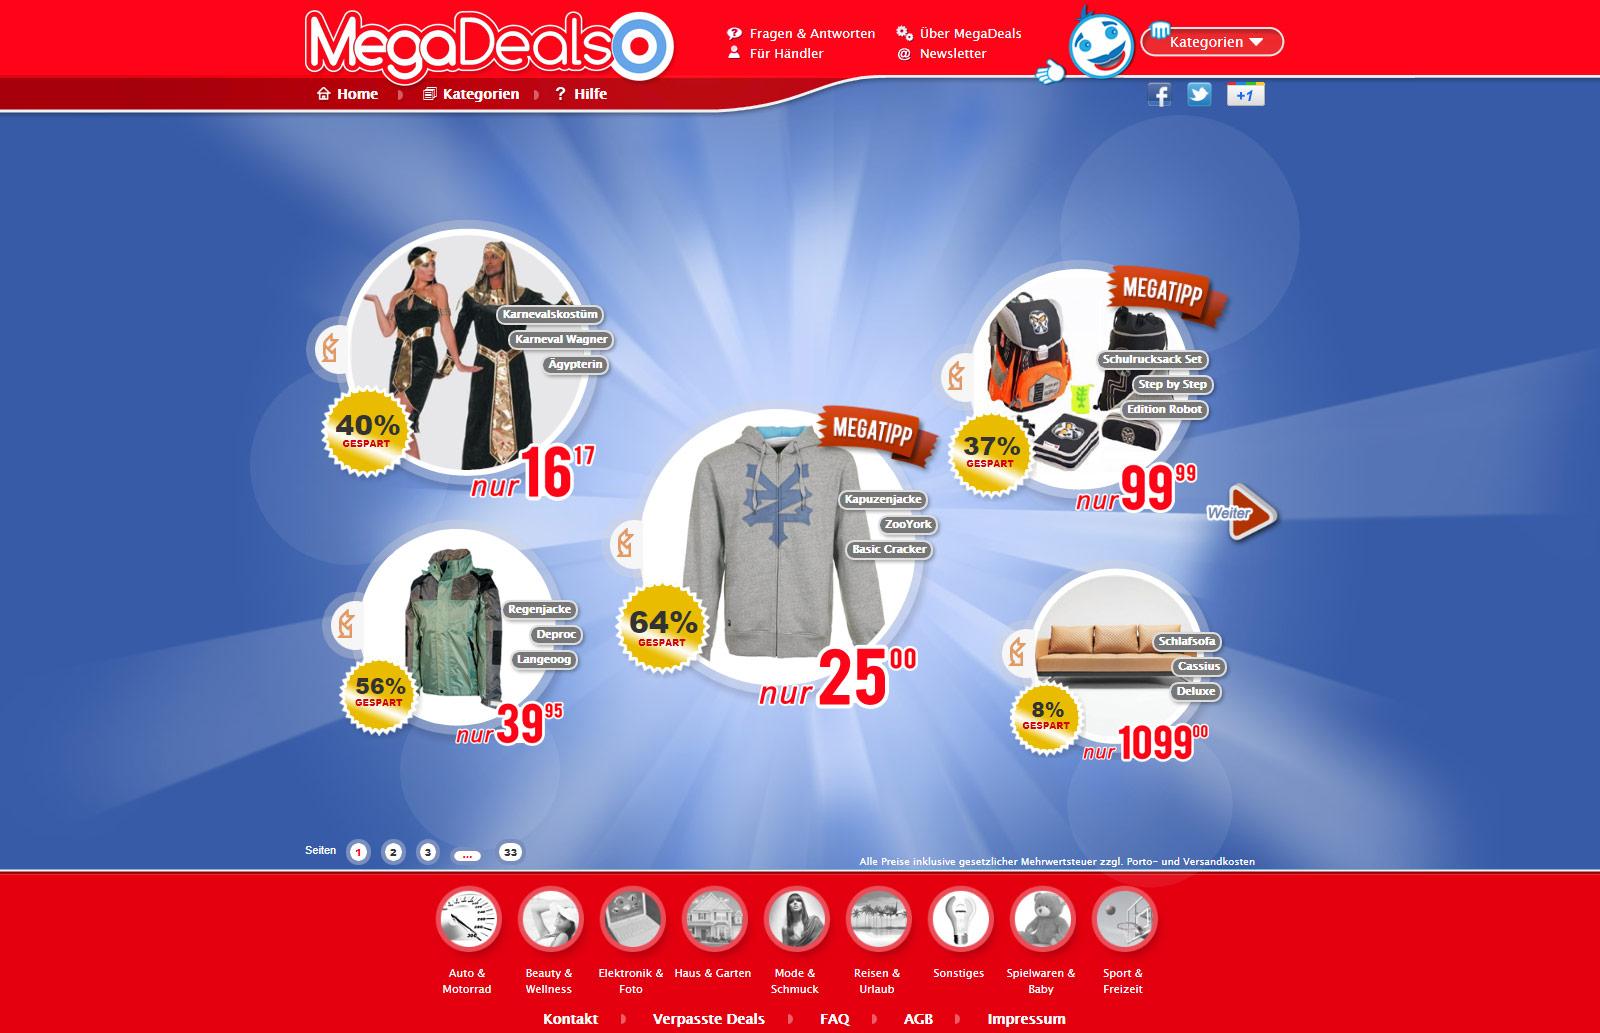 MegaDeals